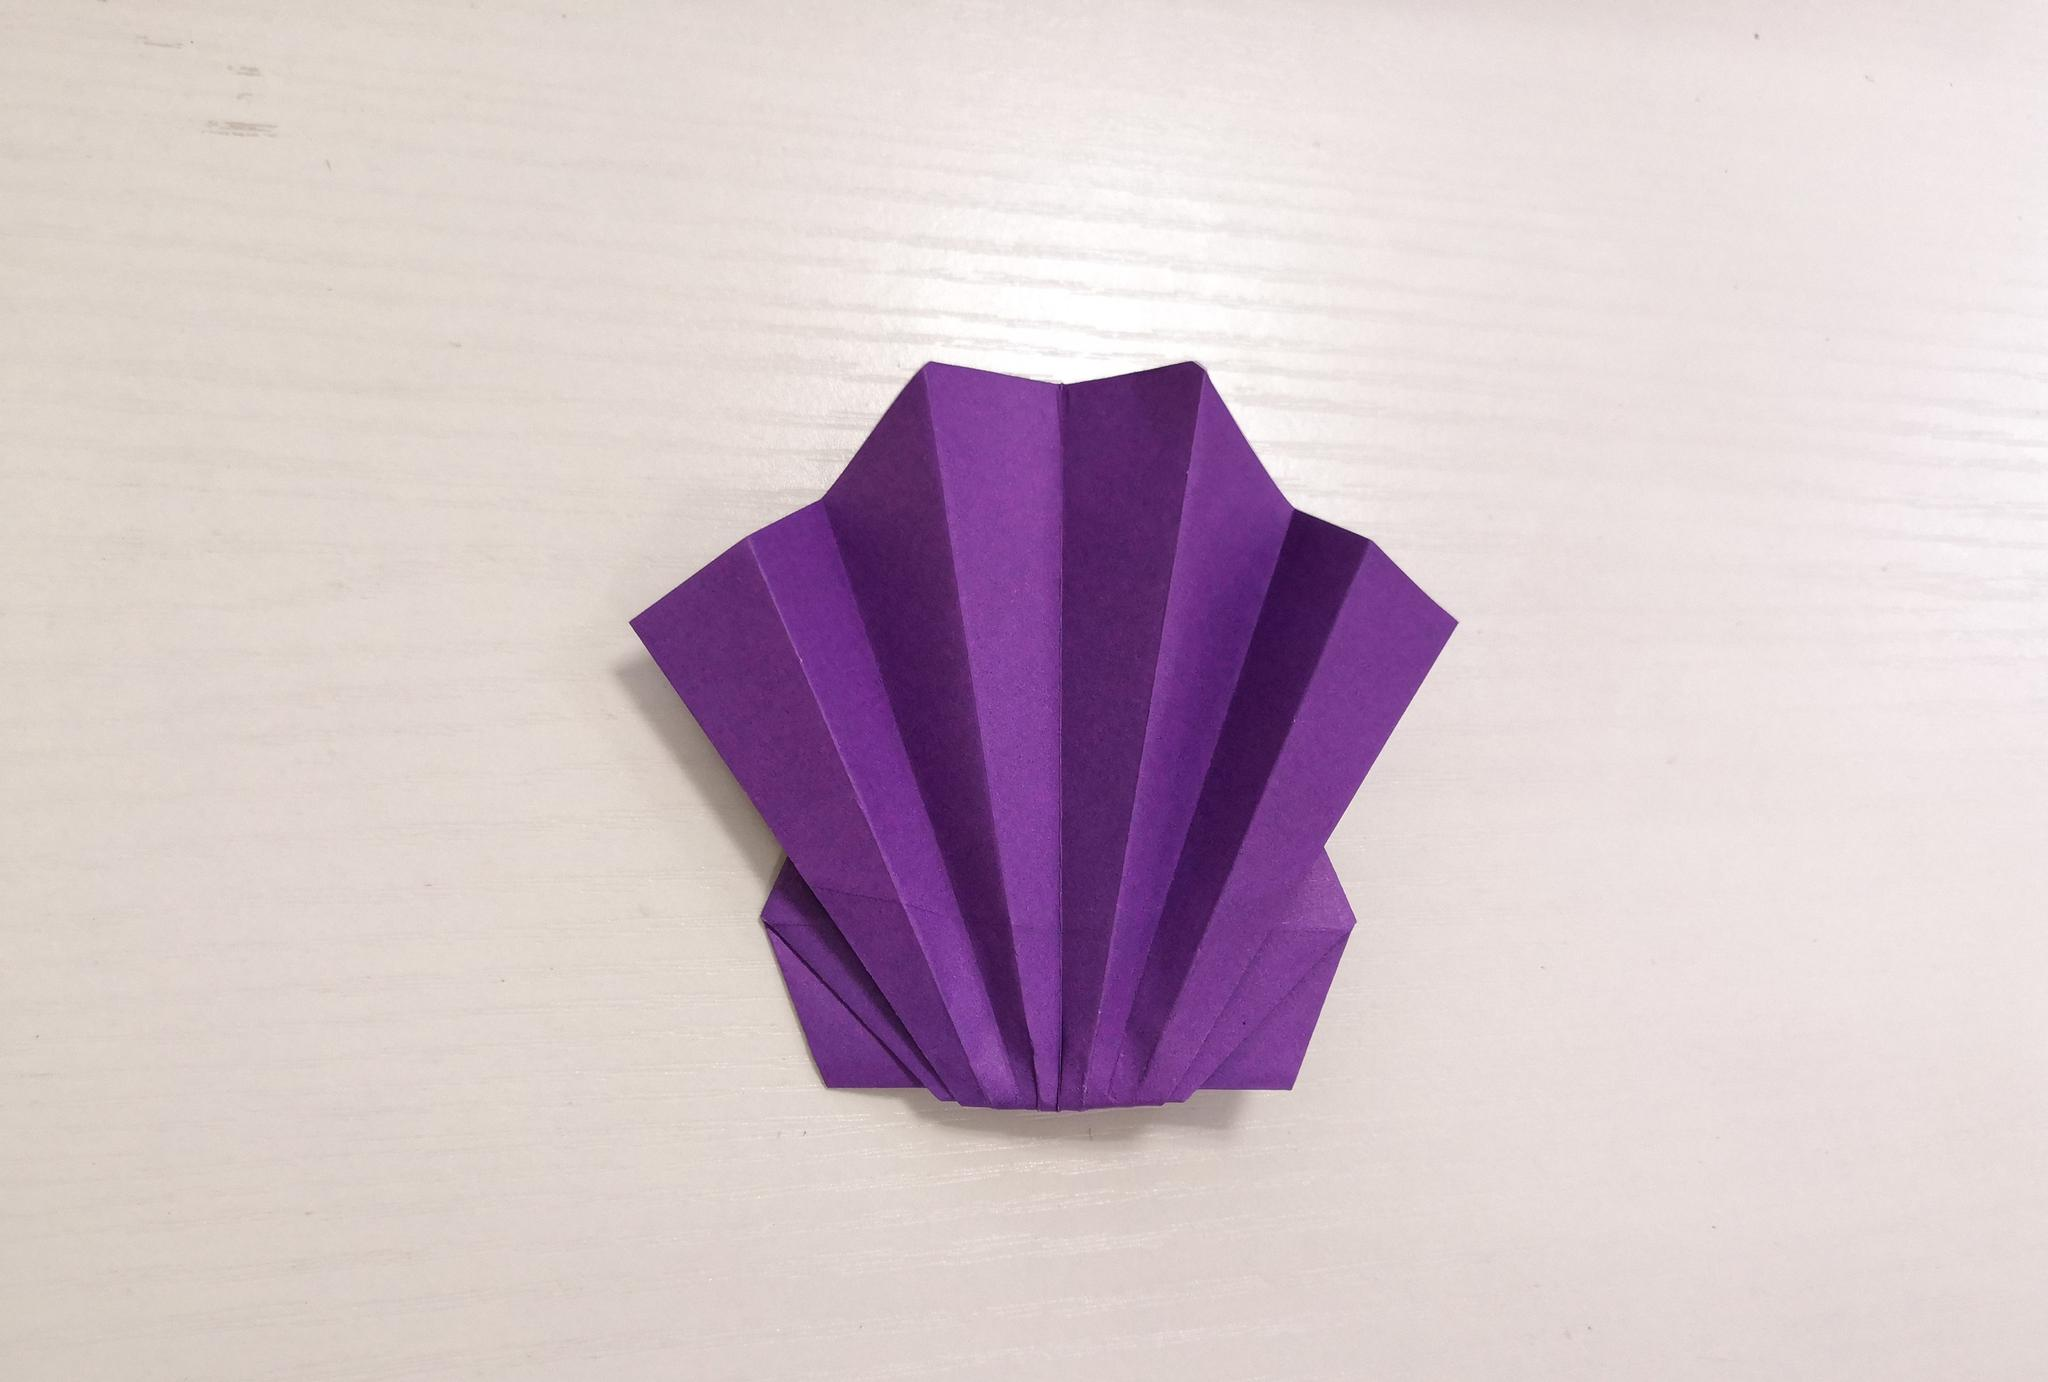 育儿:双贝壳折纸教程,非常适合家庭亲子活动哦